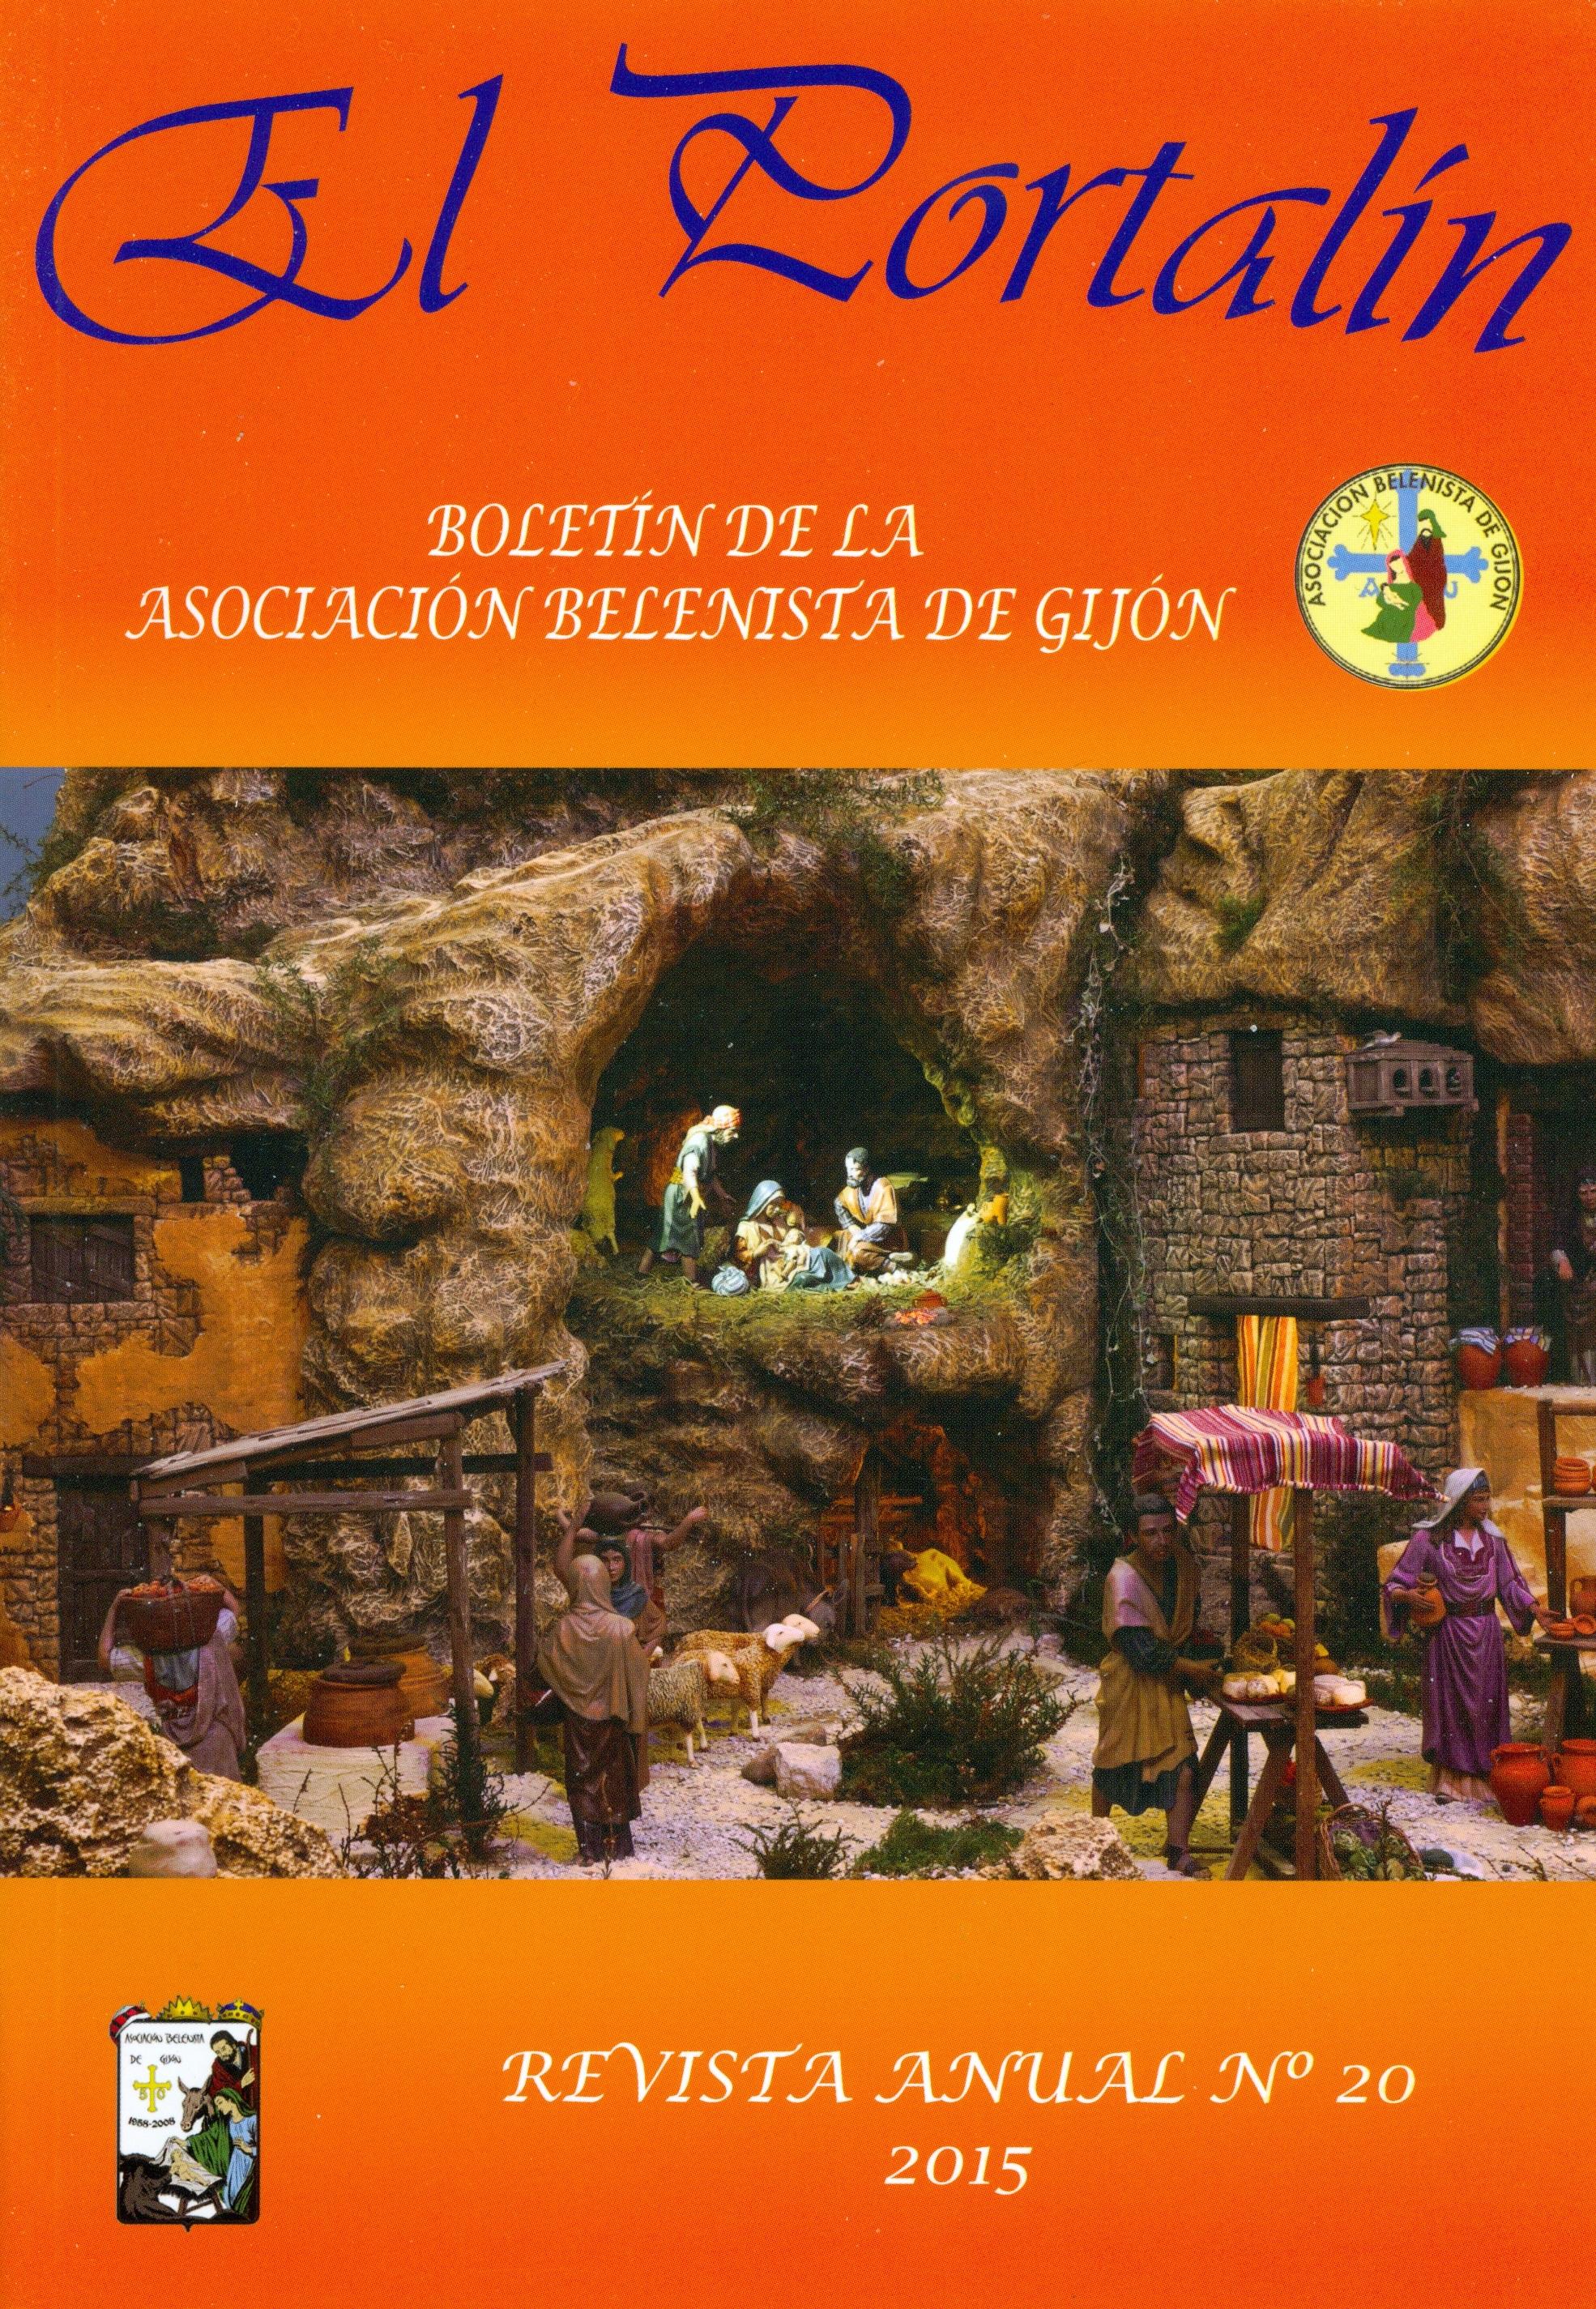 Portada de la revista El Portalín Nº 20 - 2015, de la Asociación Belenista de Gijón